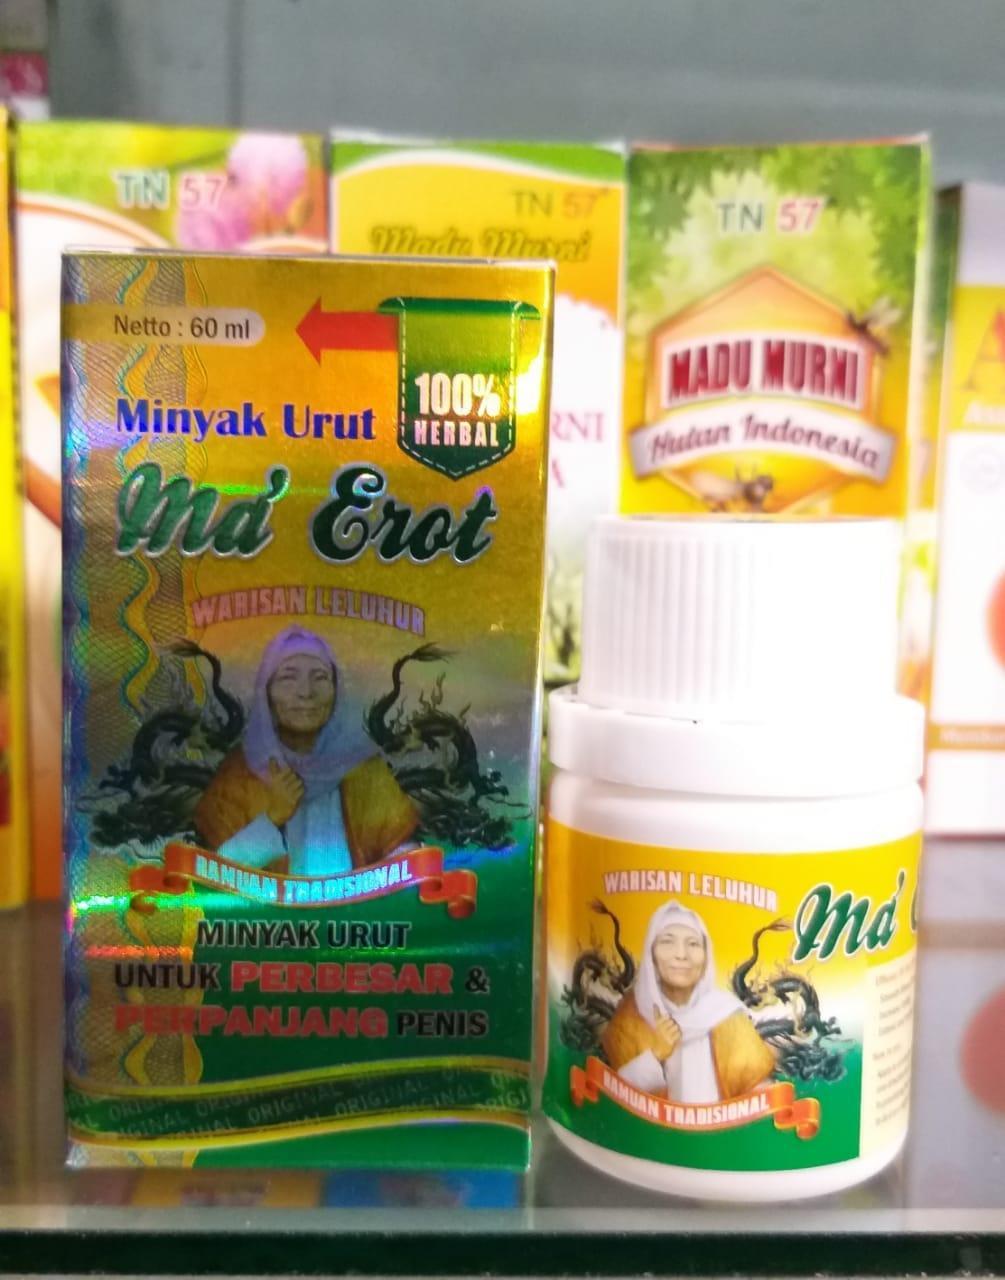 Inilah Harga Minyak Jayengkaton Murah Terbaru 2018 Castor Oil Jarak Untuk Perawatan Rambut Dan Kulit 120ml Urut Mak Erot